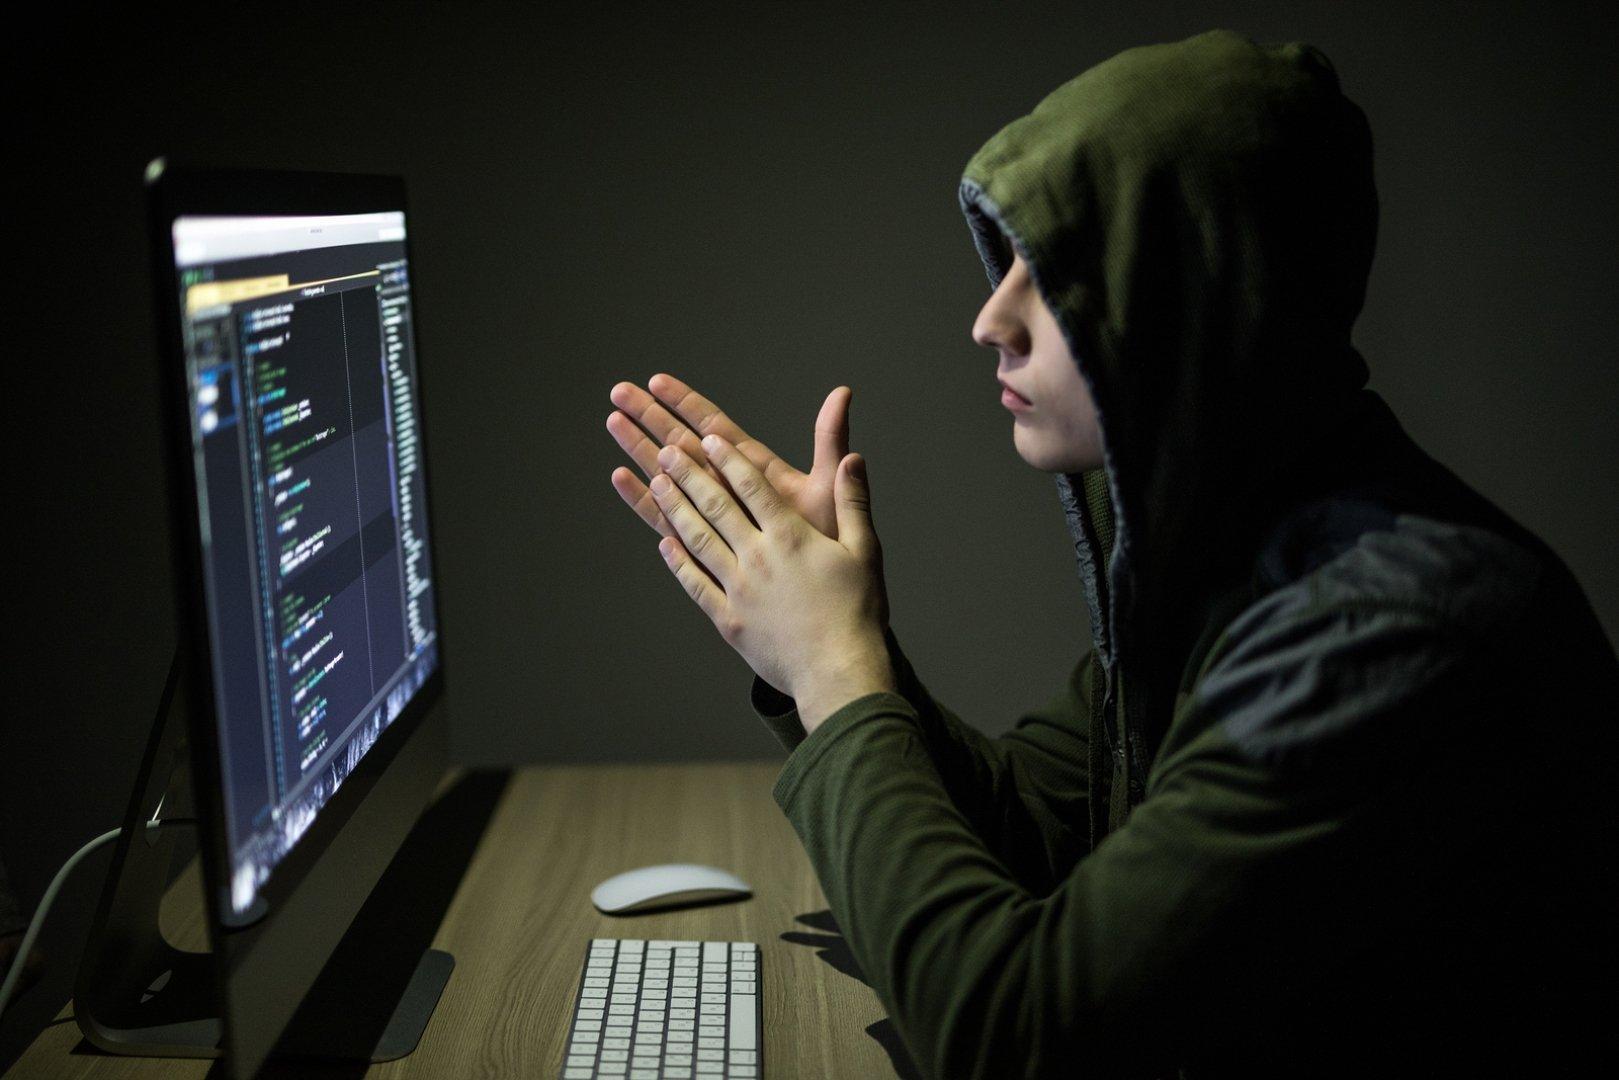 Неизвестному хакеру заплатят 150 тыс. рублей за взлом тестового онлайн-голосования